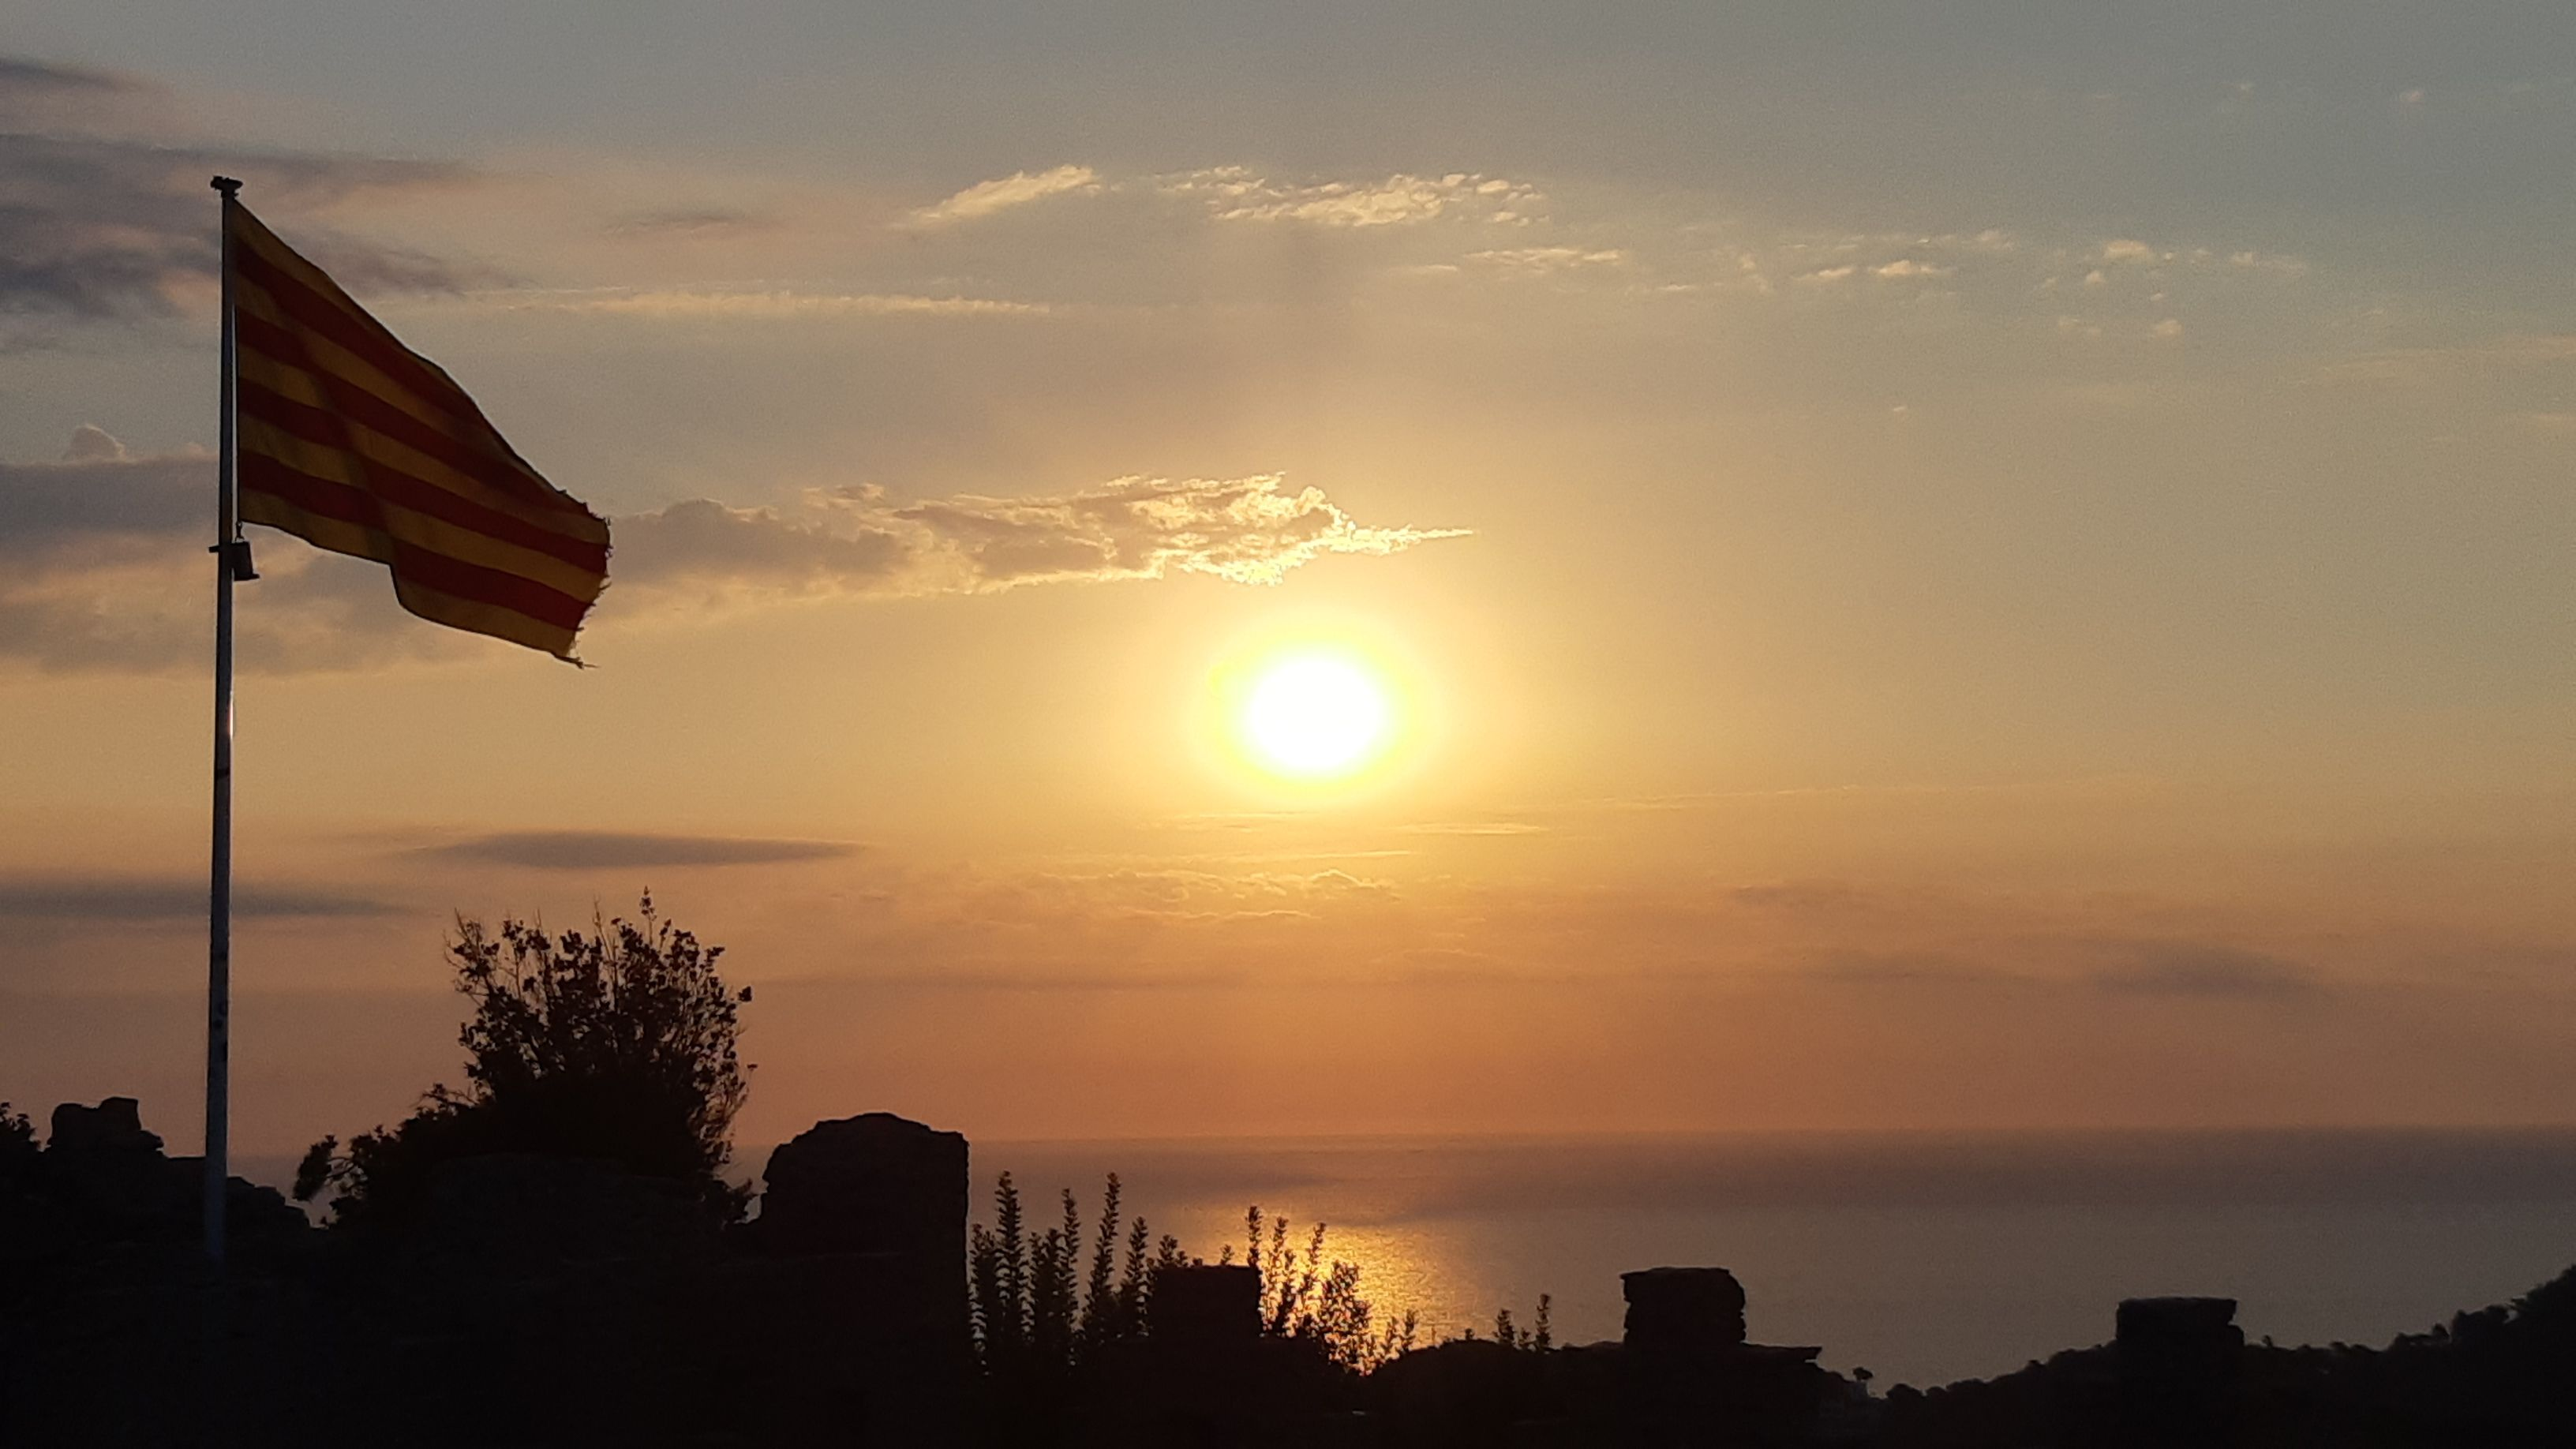 Alba des del castell. Des del Castell de Begur#CARLOS CARRETERO ADELANTADO 272